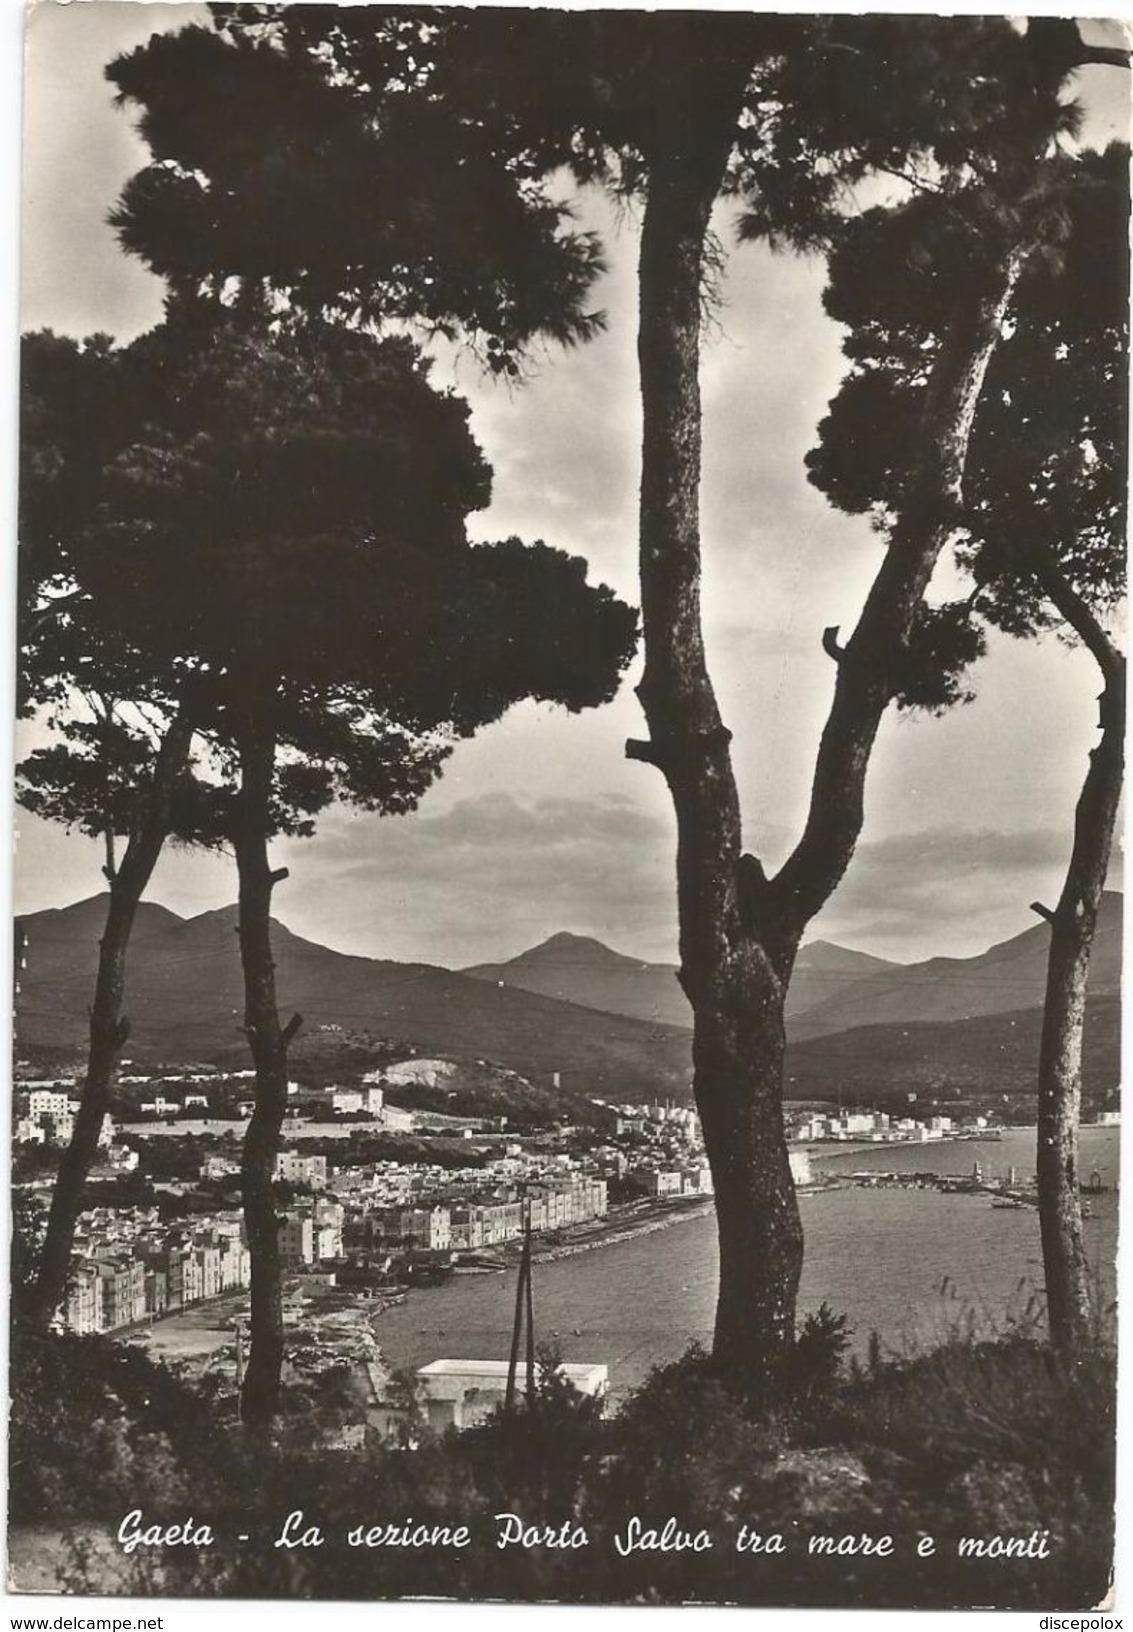 X1152 Gaeta (Latina) - La Sezione Porto Salvo Fra Mare E Monti - Panorama / Viaggiata 1961 - Italia